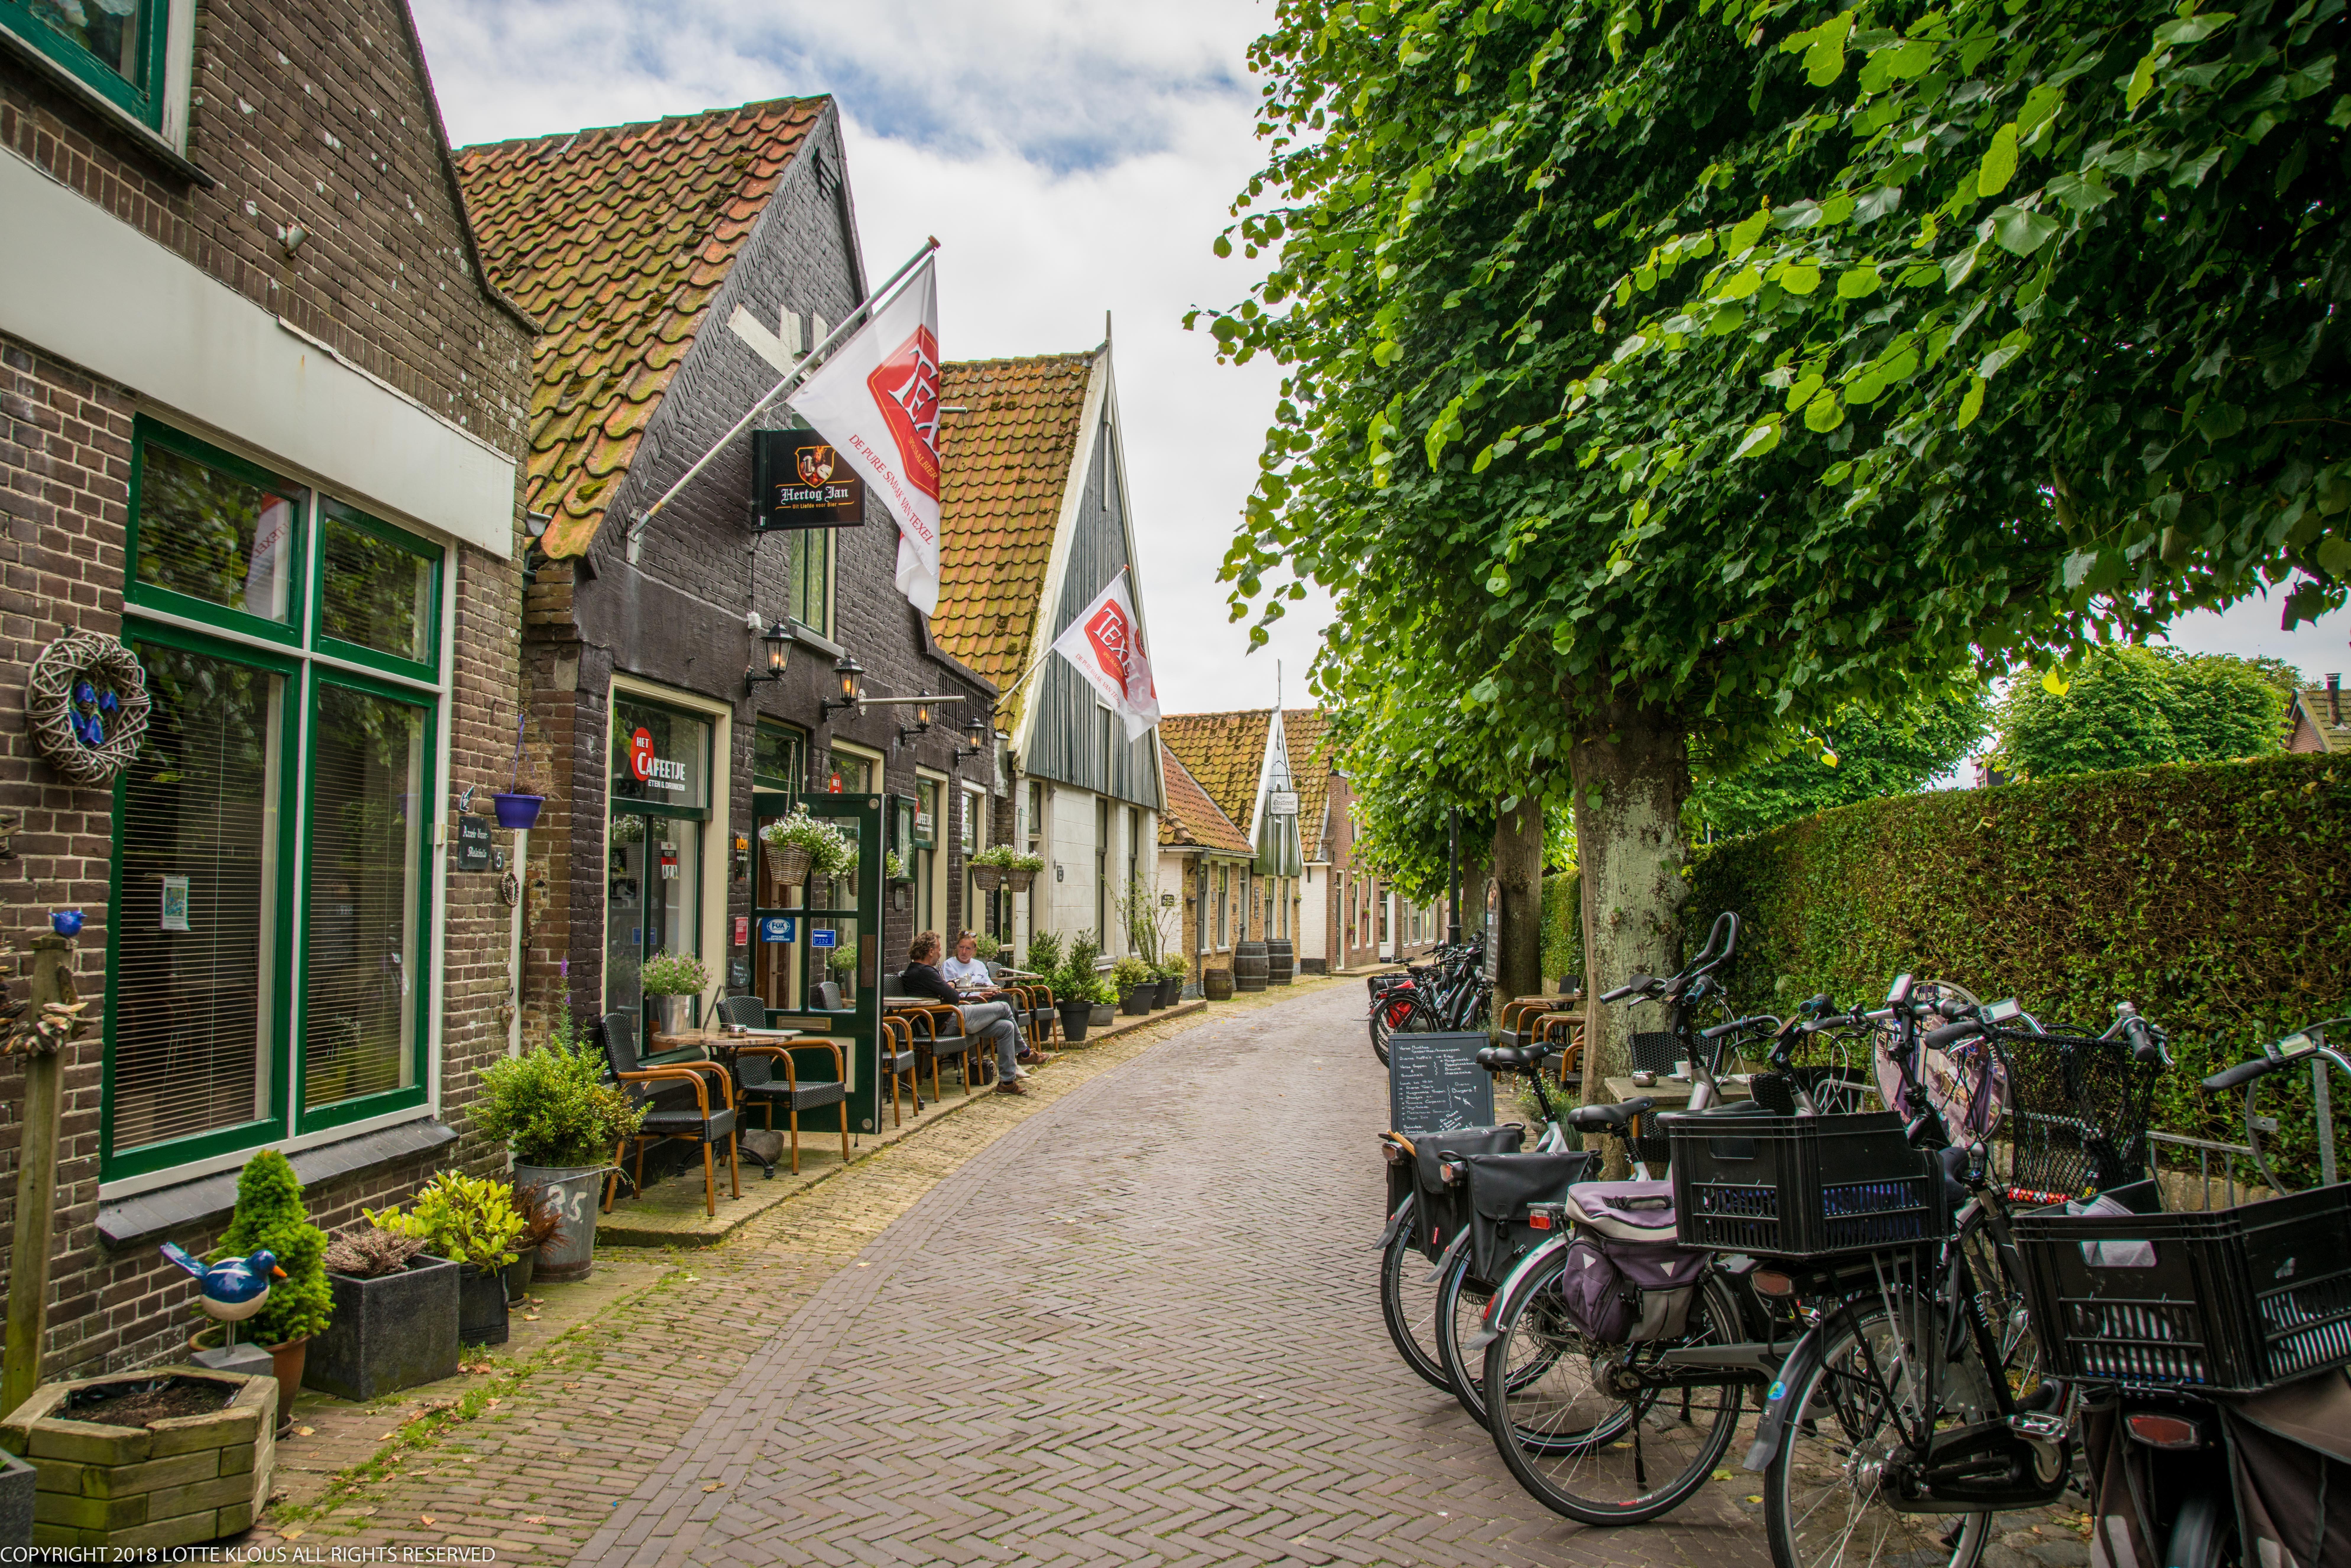 Straat in Oosterend VVV Texel fotograaf Lotte Klous